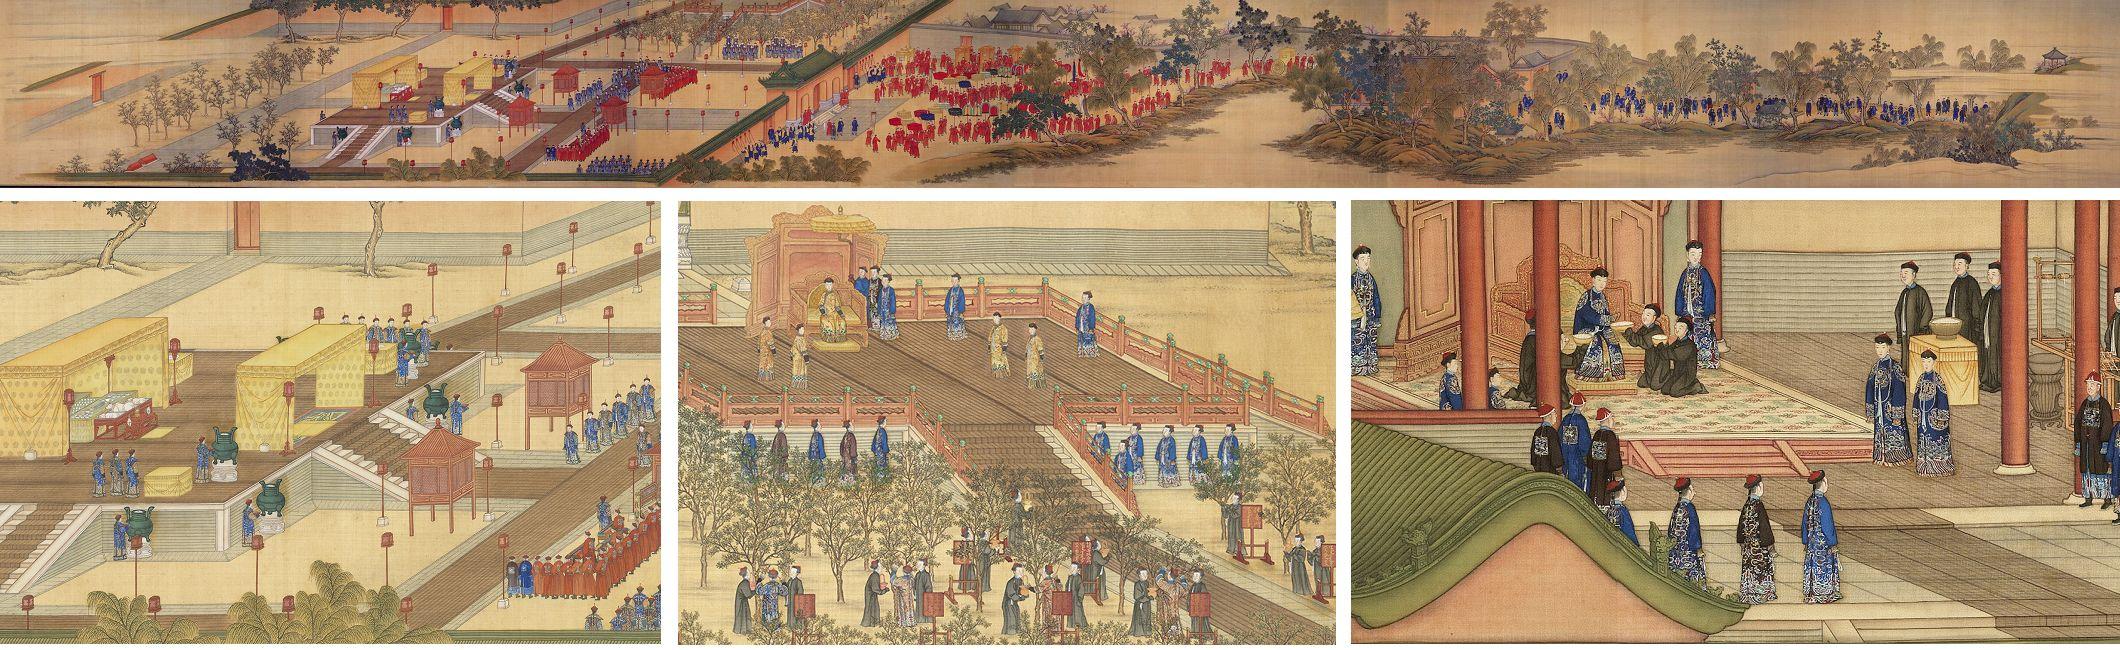 上、左下:《孝賢純皇后親蠶圖》卷,卷一「祭壇」之概要及局部。下中:卷三「採桑」之局部。右下:卷四「獻繭」之局部。